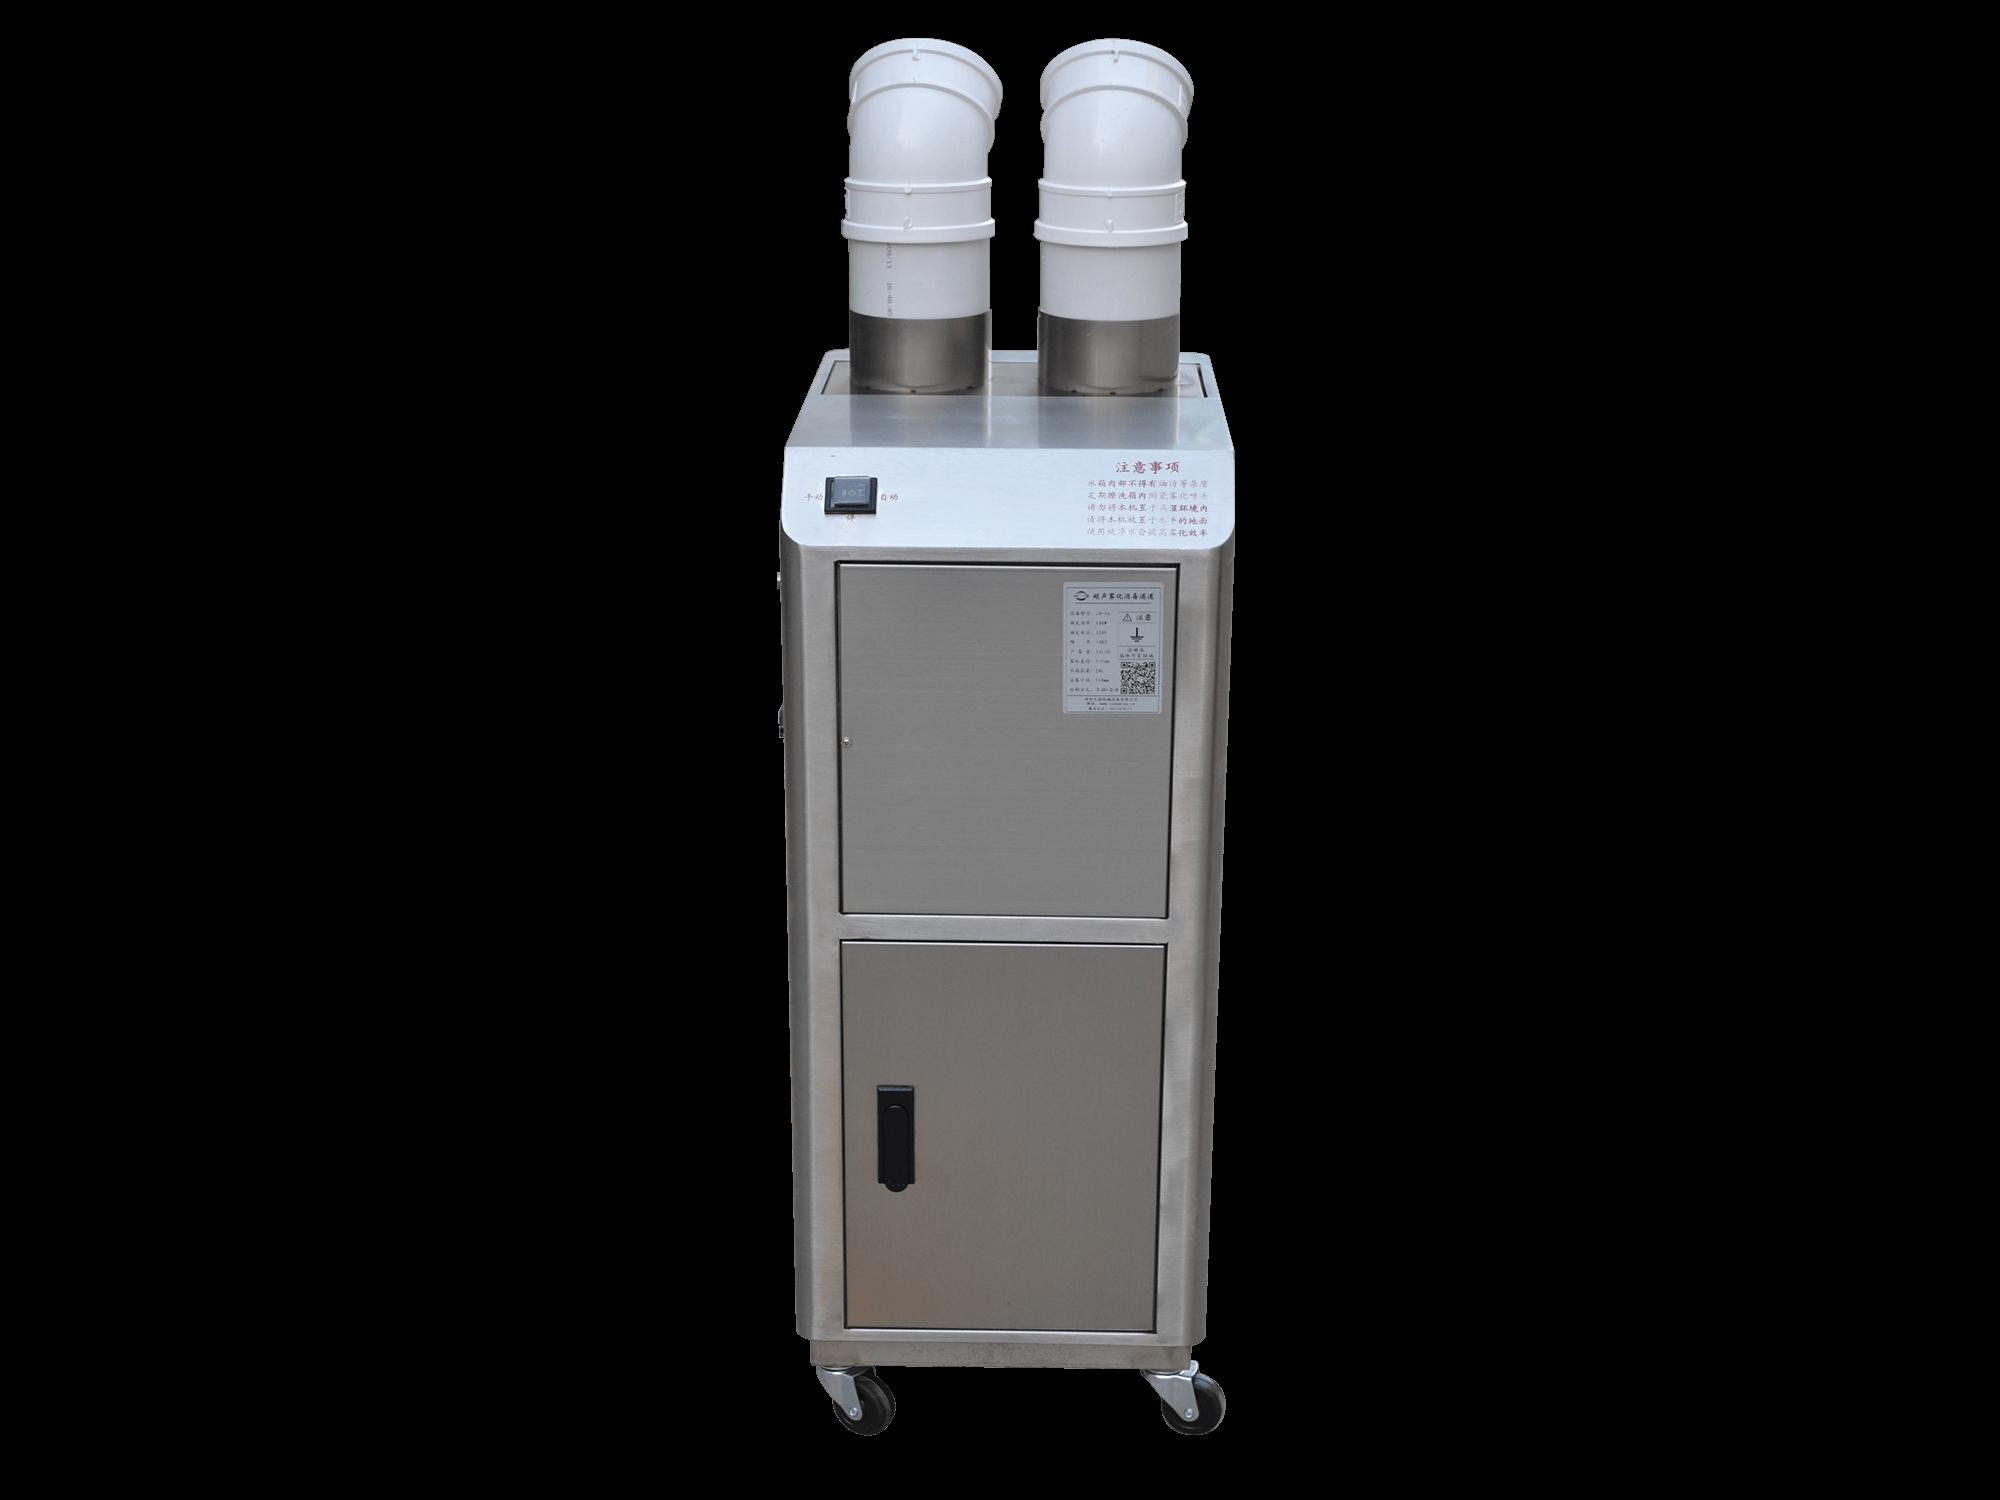 水桶型超声波加湿机DM-CS20A